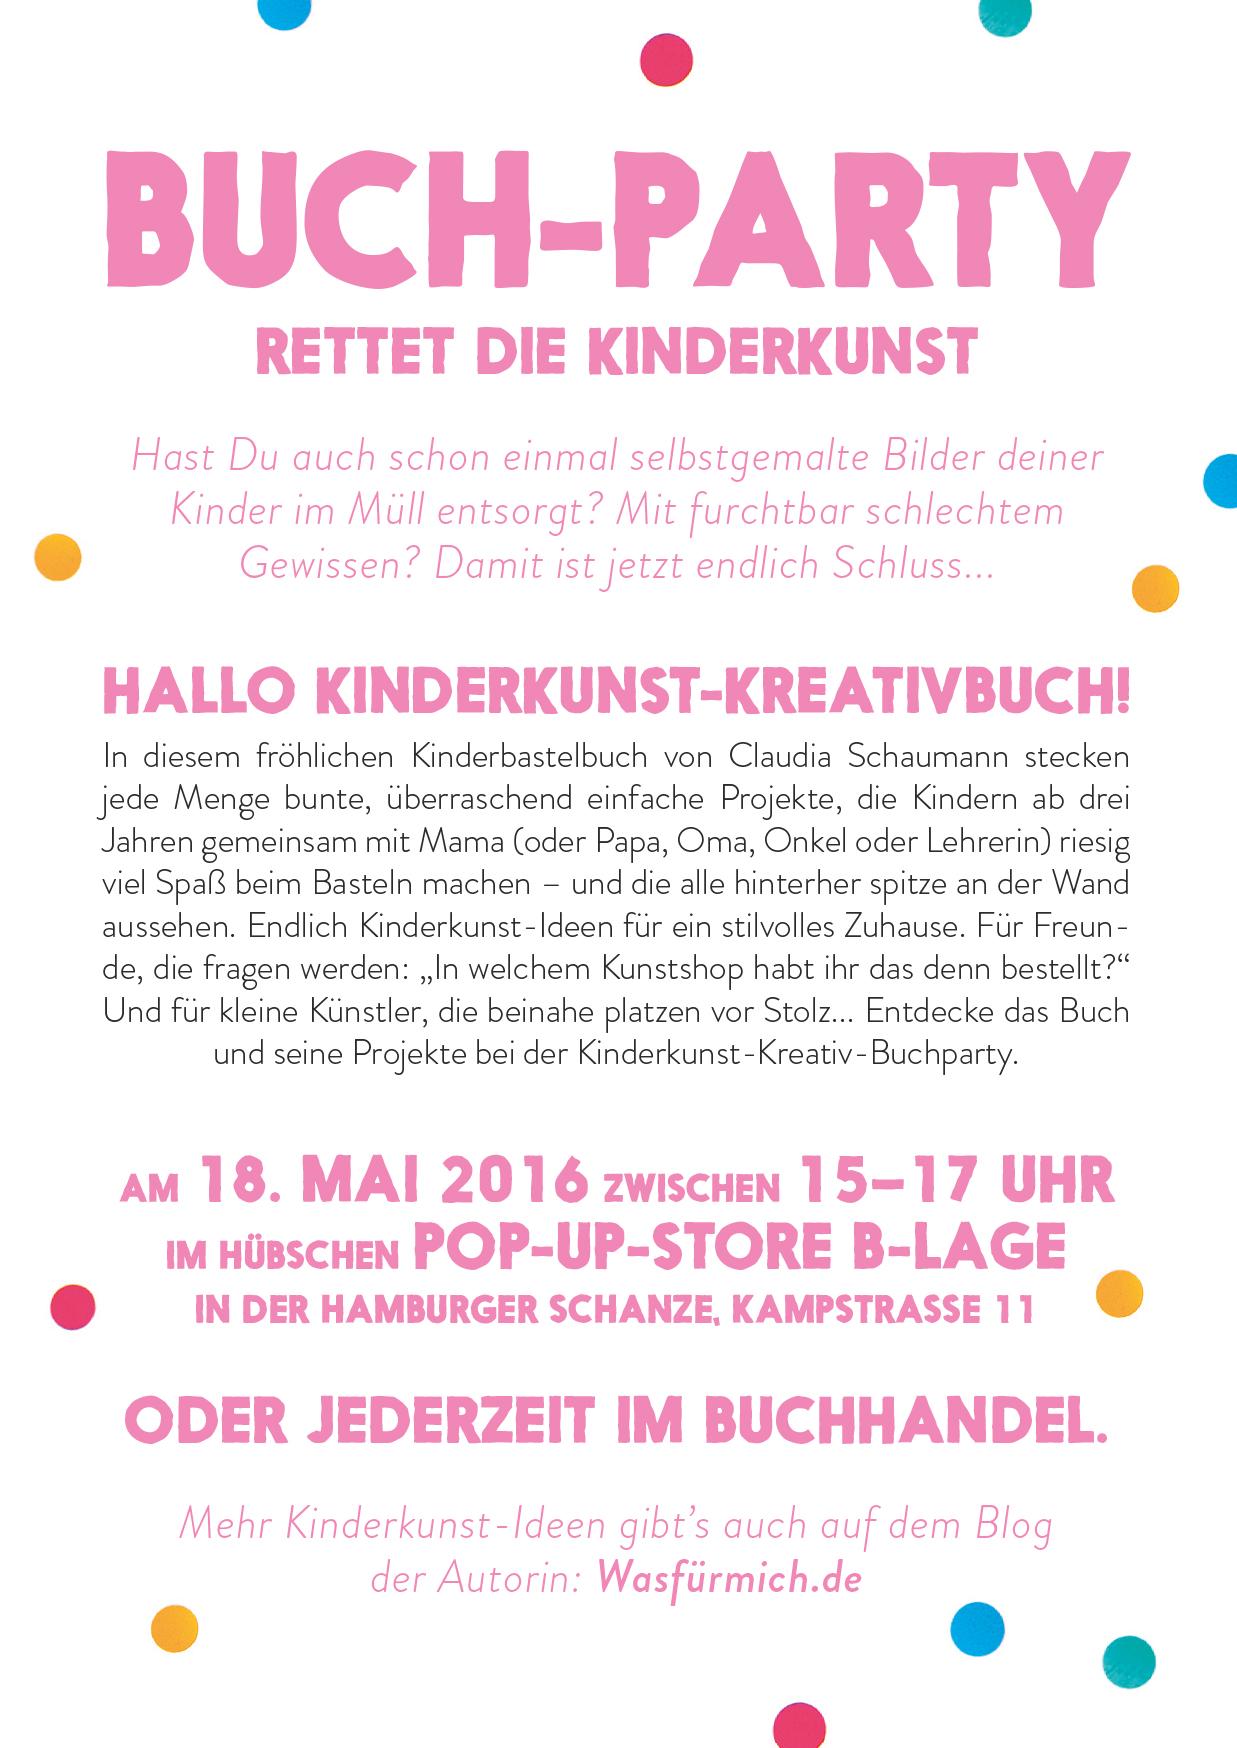 Das Kinderkunst-Kreativbuch, Basteln mit Kindern, Buchparty, Hamburg,